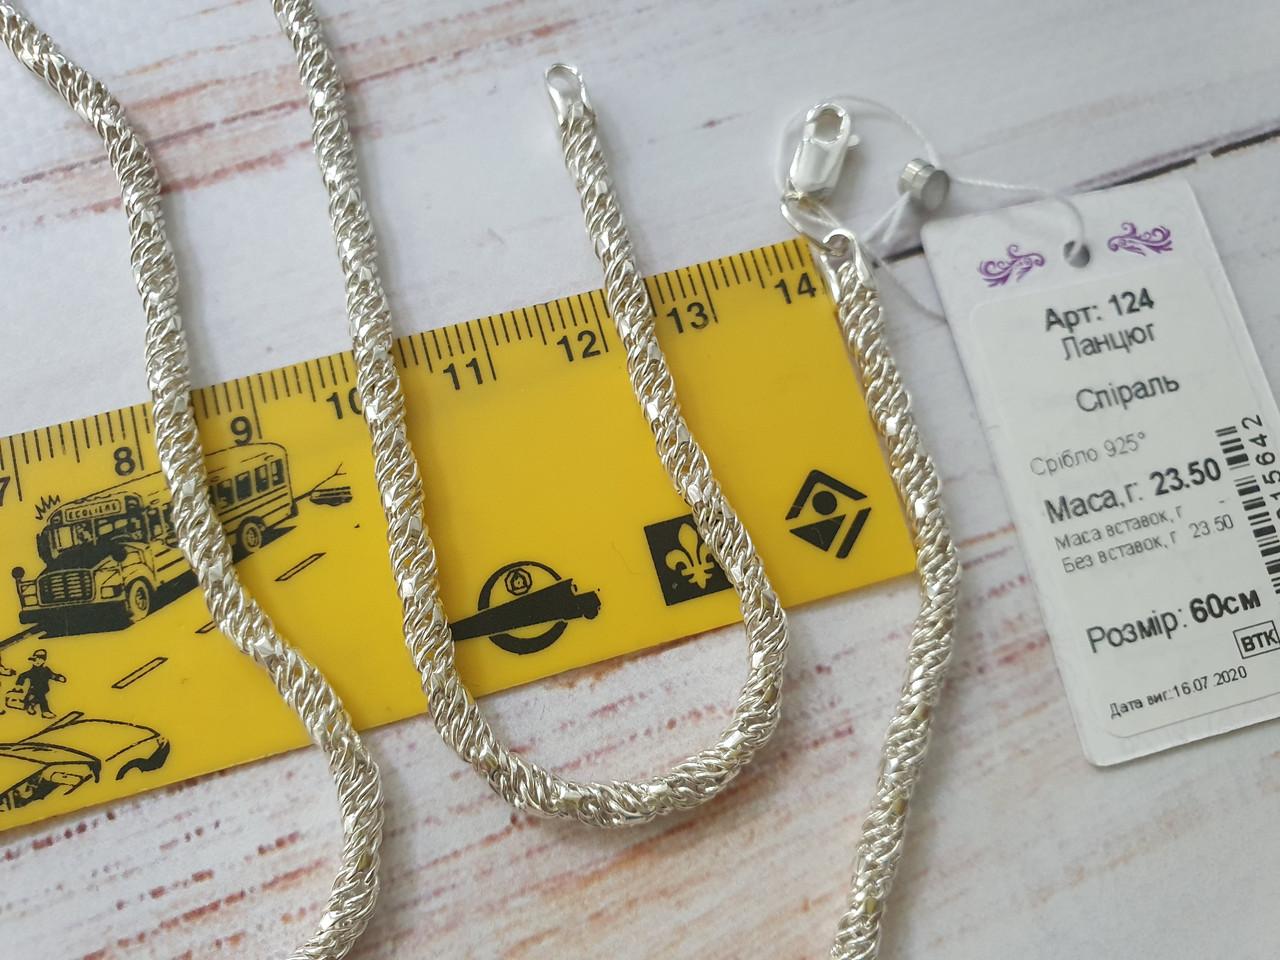 Серебряная цепь Спираль (длина 60 см, вес 23.5 грамм). 925 проба. Ручное плетение. 925 проба